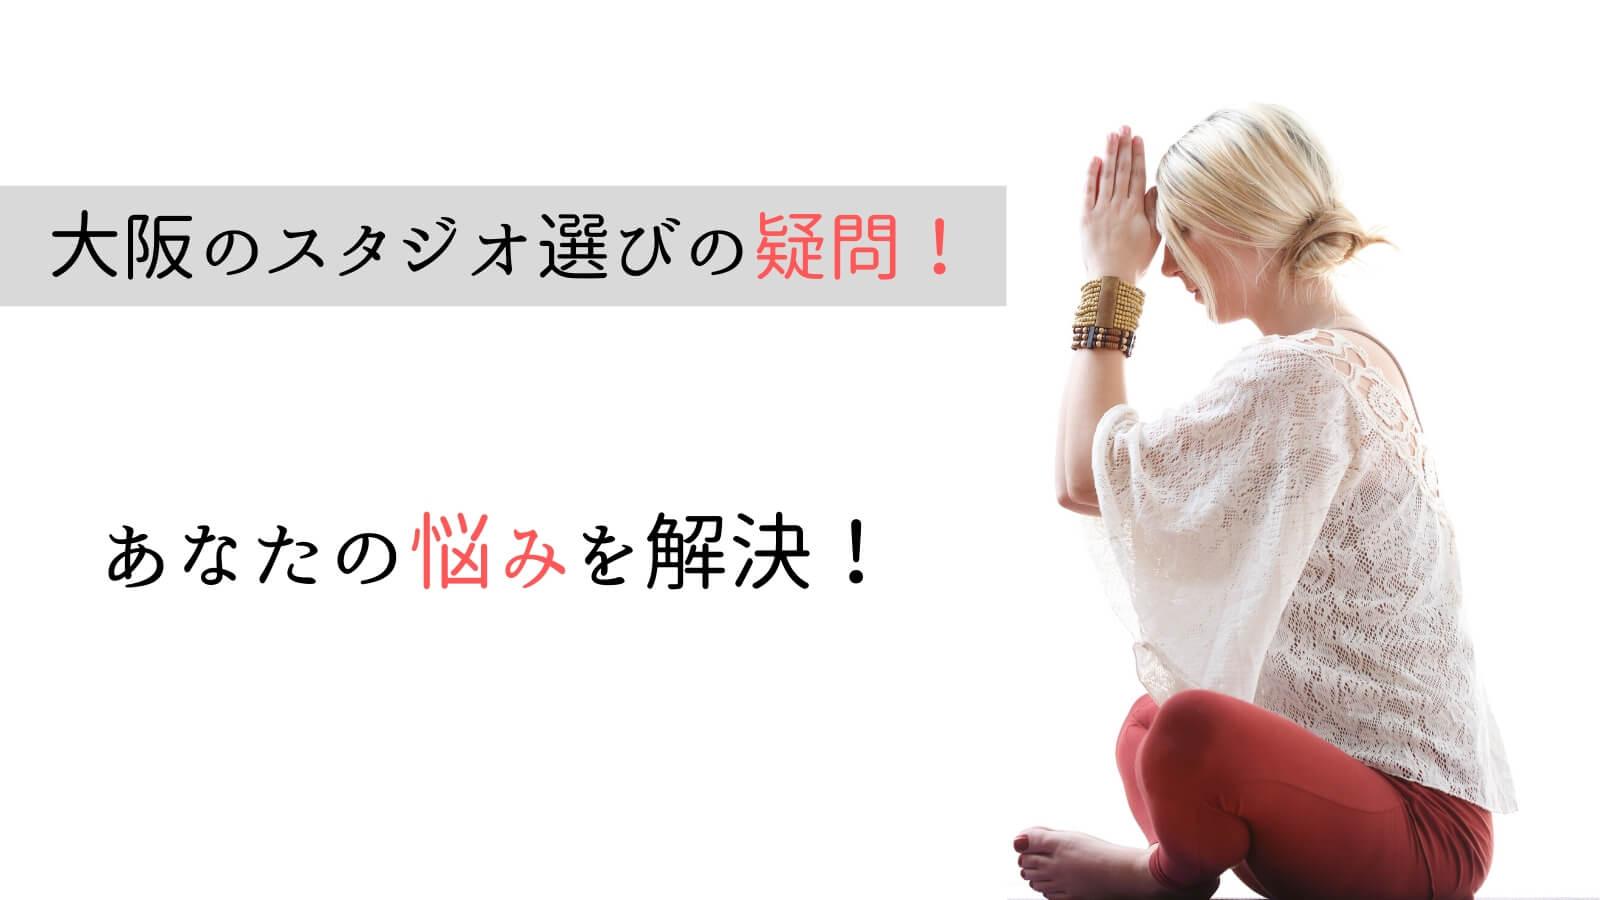 大阪でのピラティススタジオ選びに関するQ&A